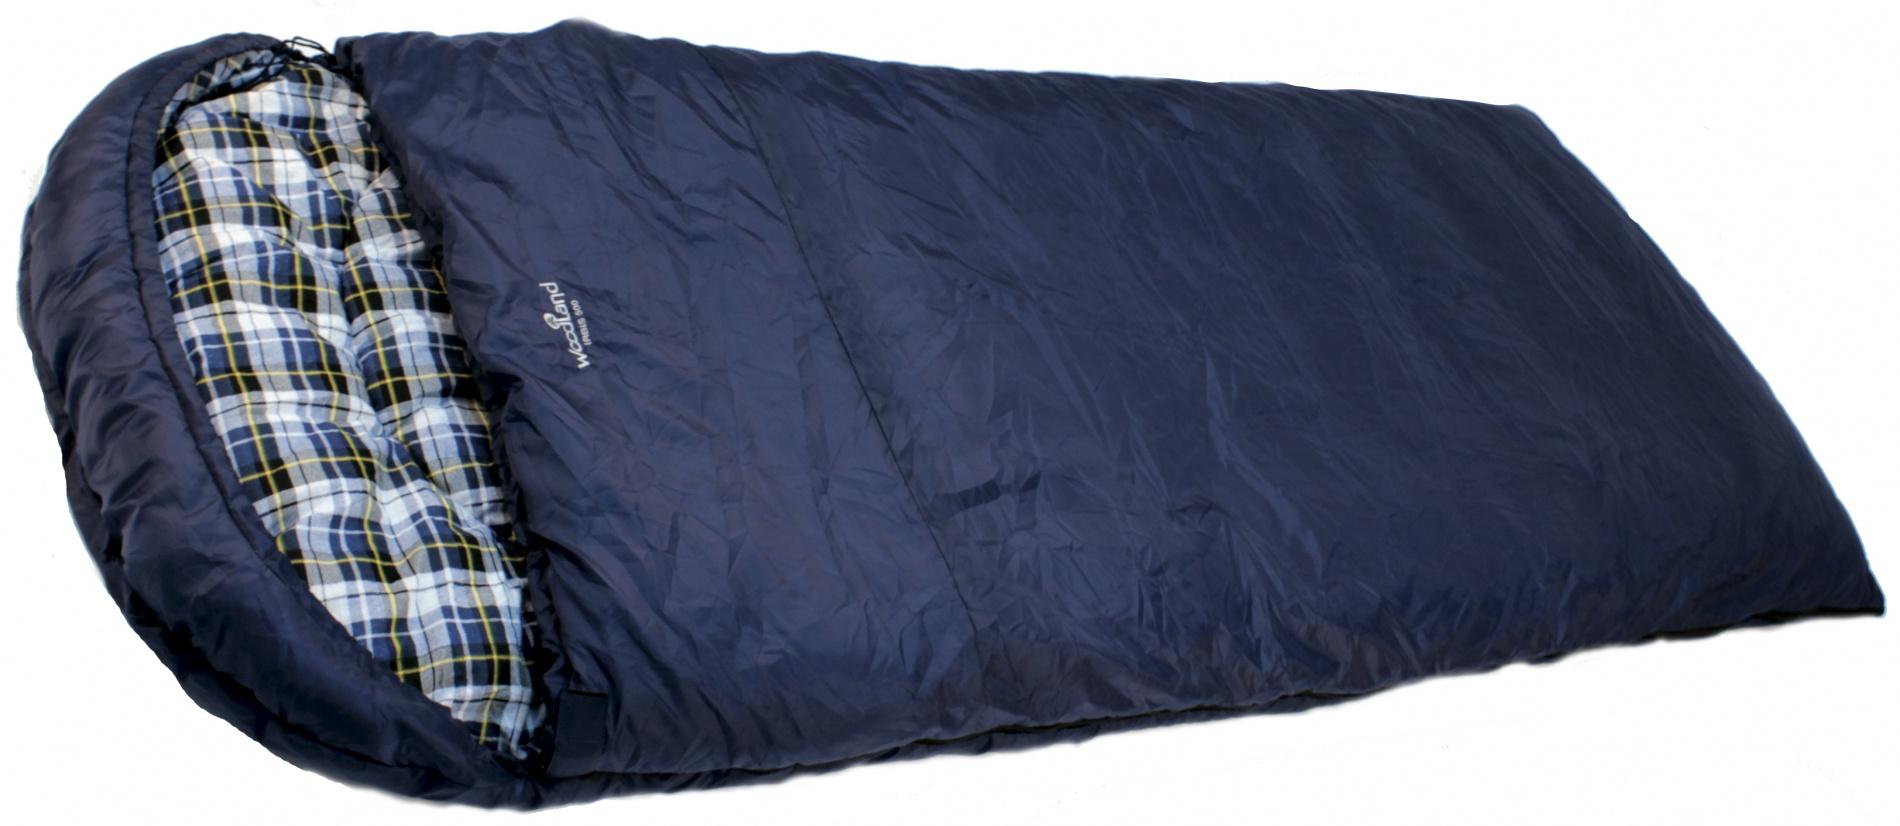 Спальный мешок Woodland IRBIS 400 R спальный мешок woodland irbis 500 r